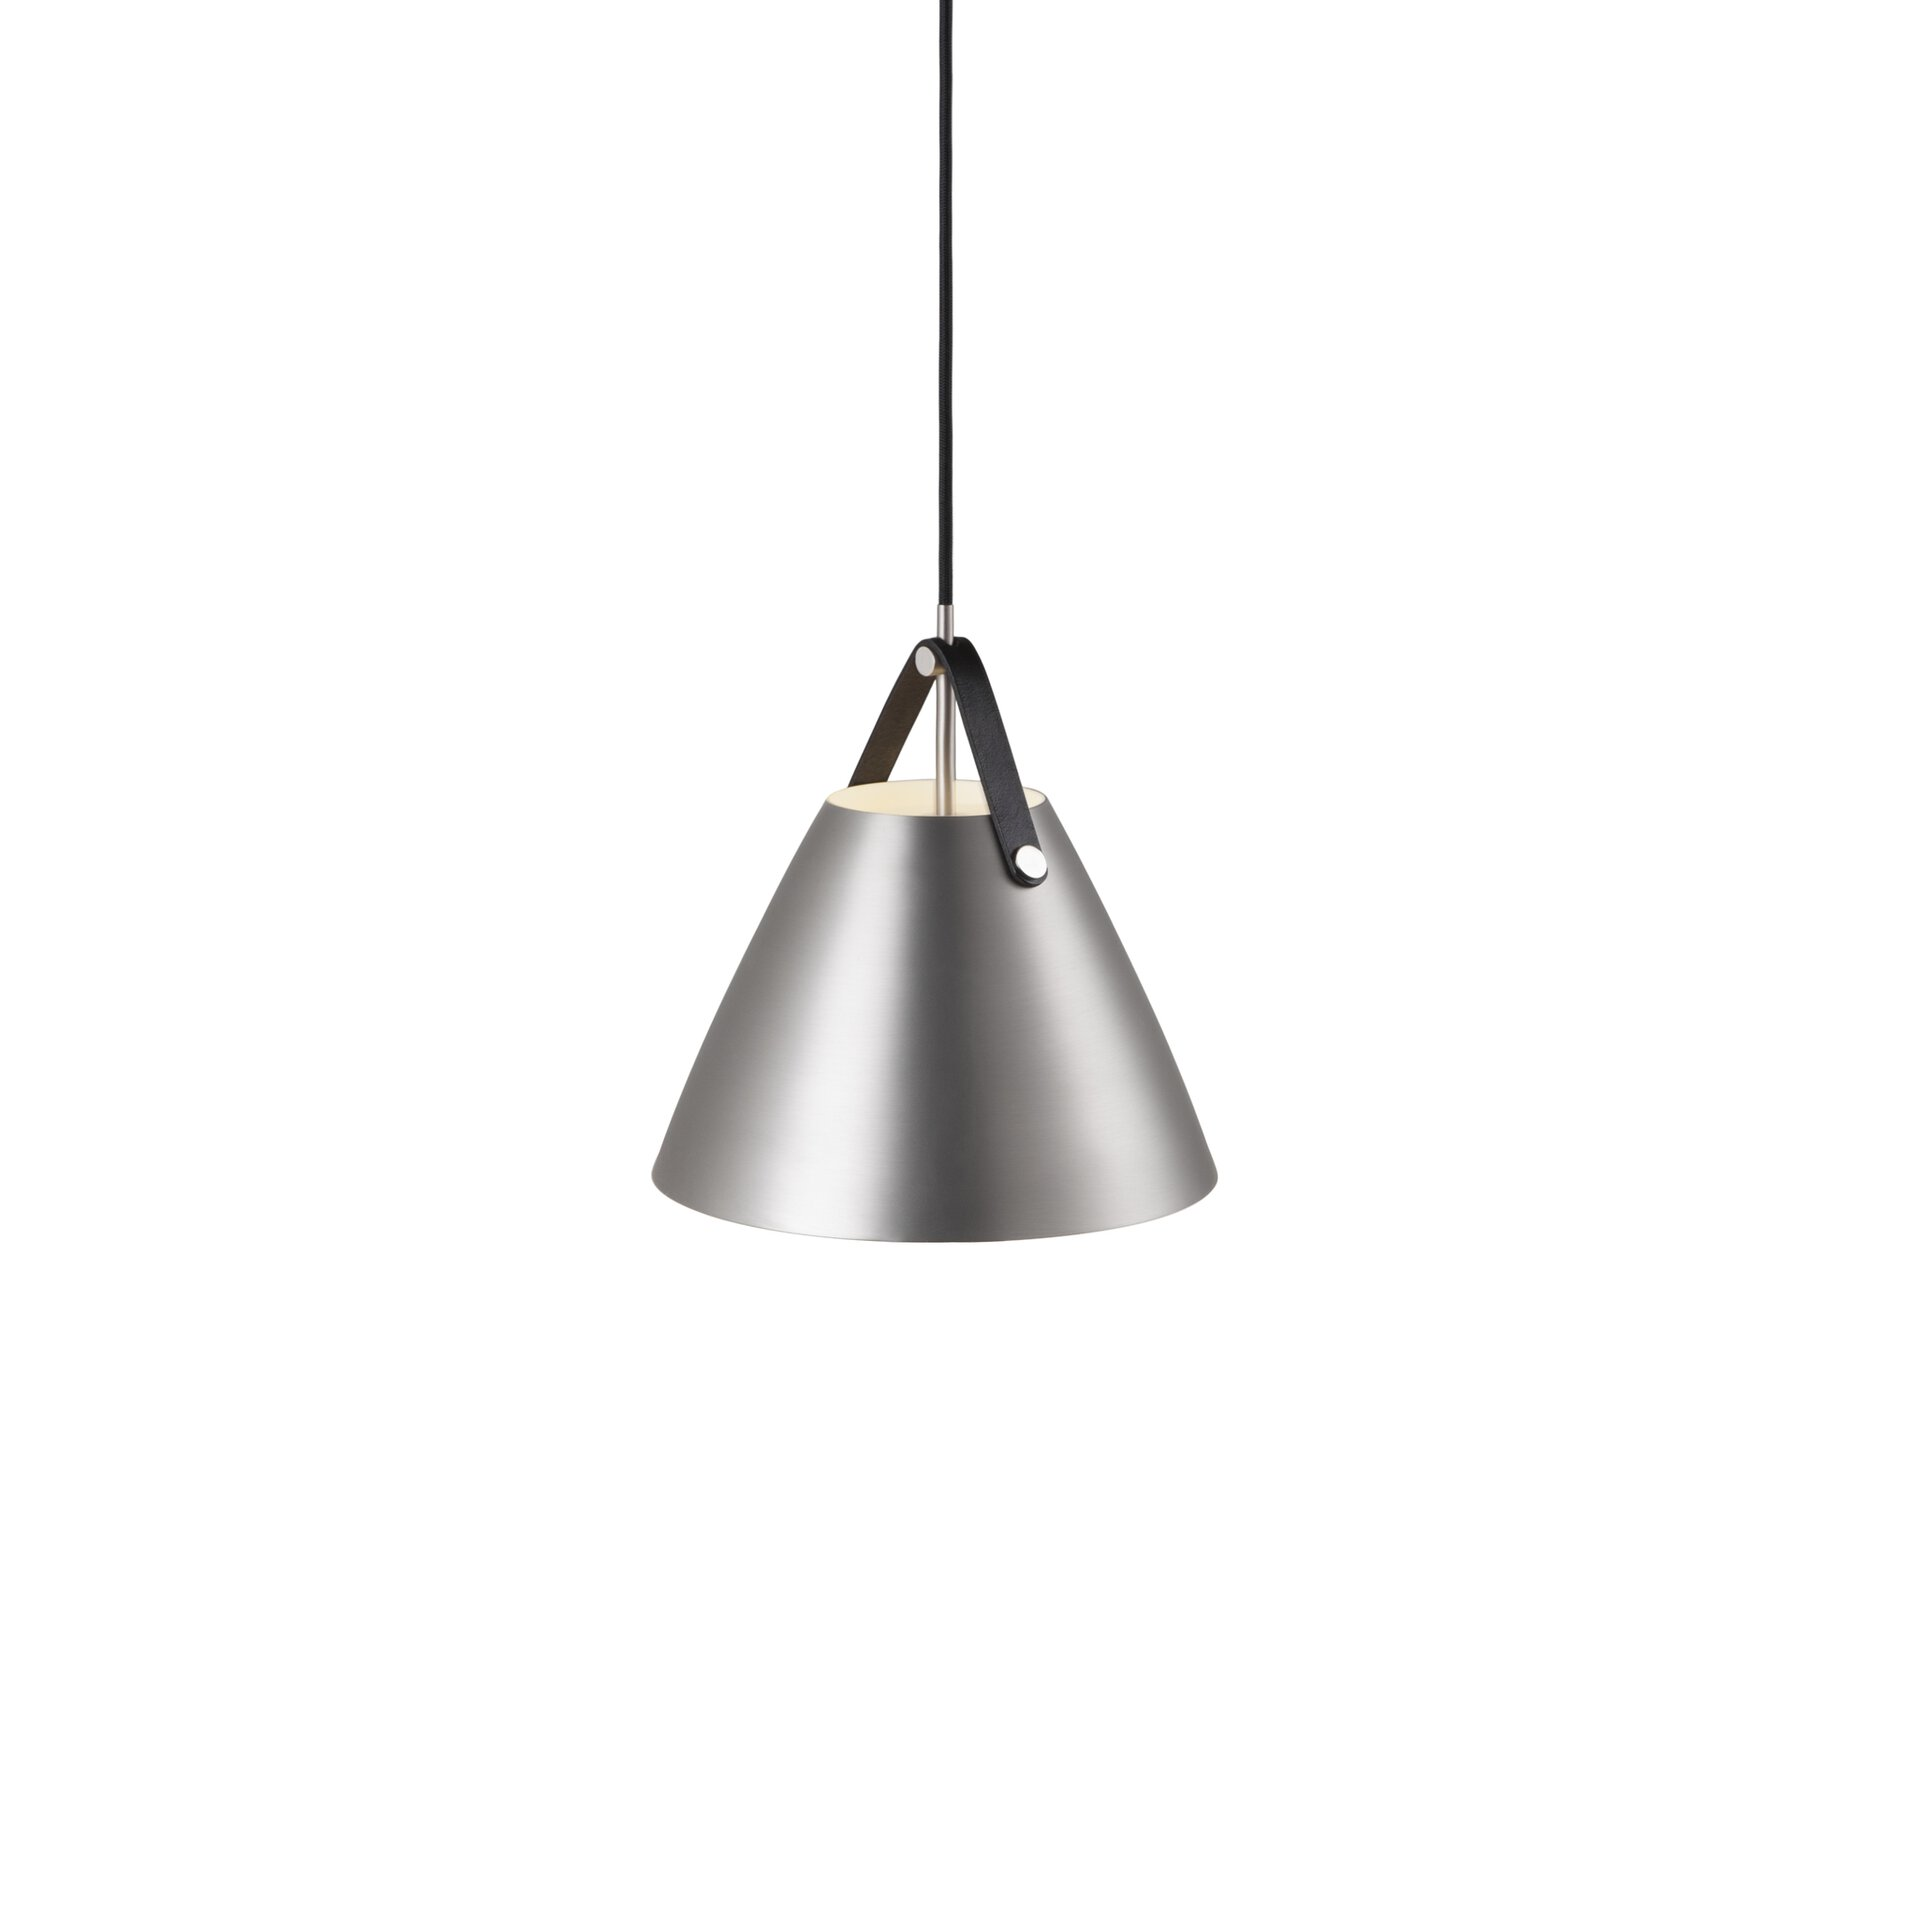 Hängeleuchte STRAP 27 Nordlux Metall silber 27 x 300 x 27 cm